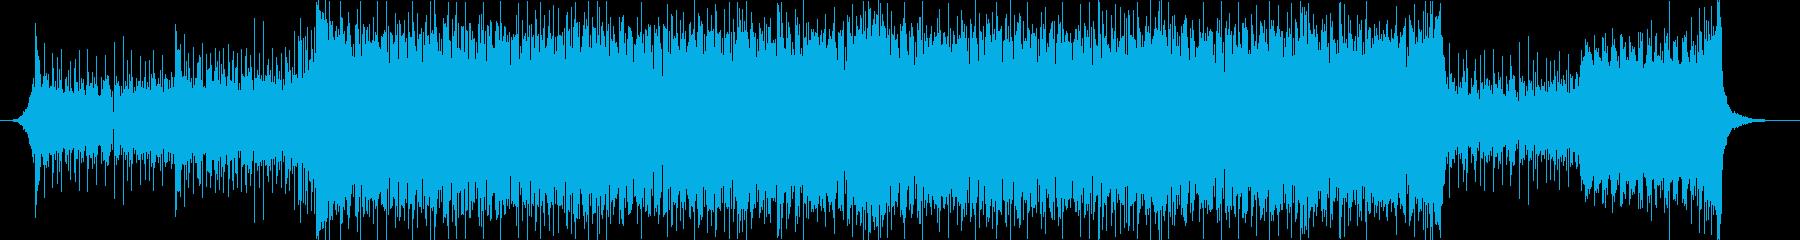 ジャジーなピアノおしゃれポップ4つ打ちcの再生済みの波形